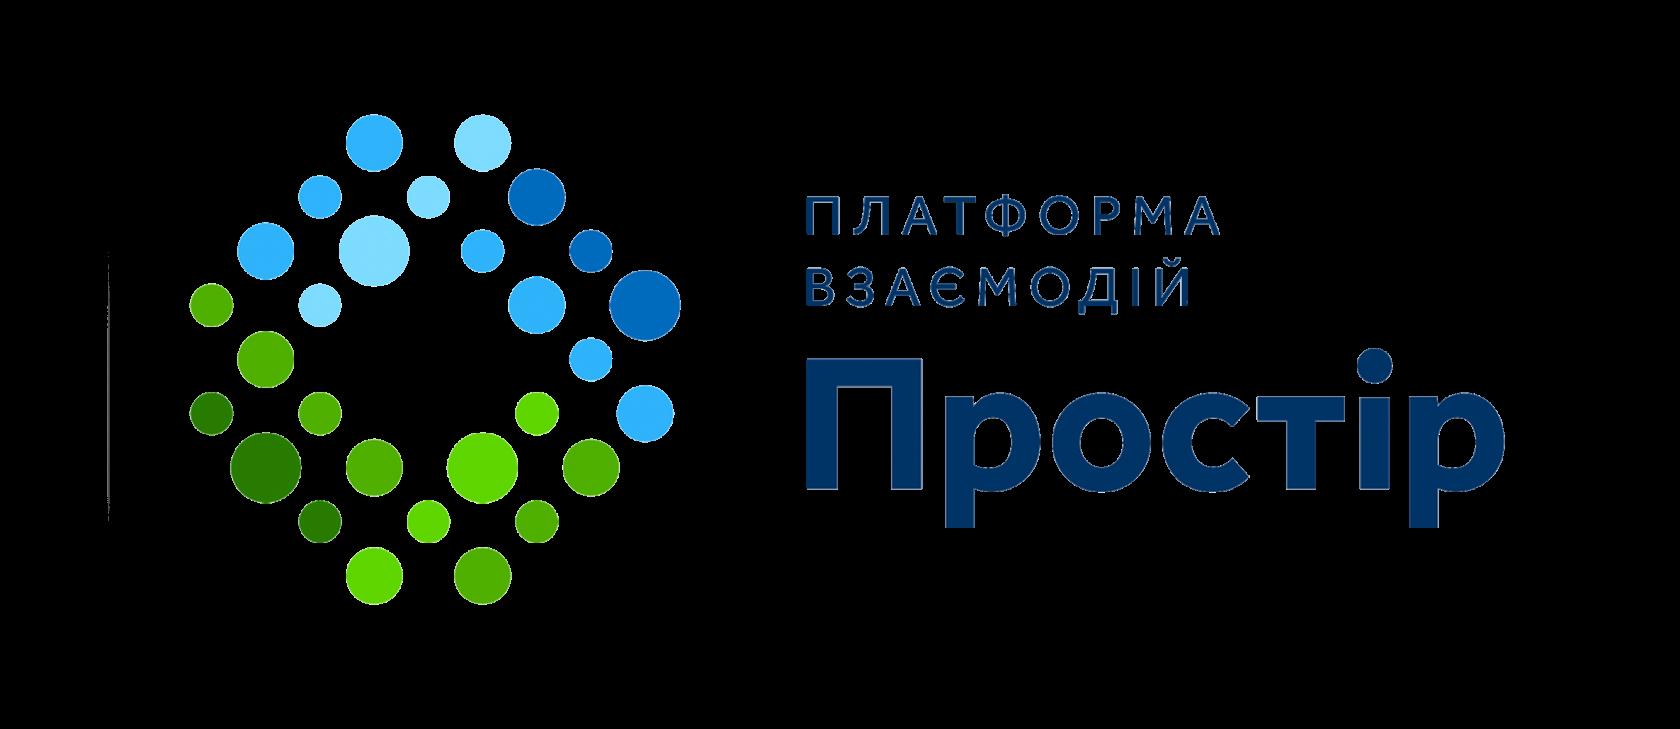 Громадська організація «Платформа взаємодій «Простір»